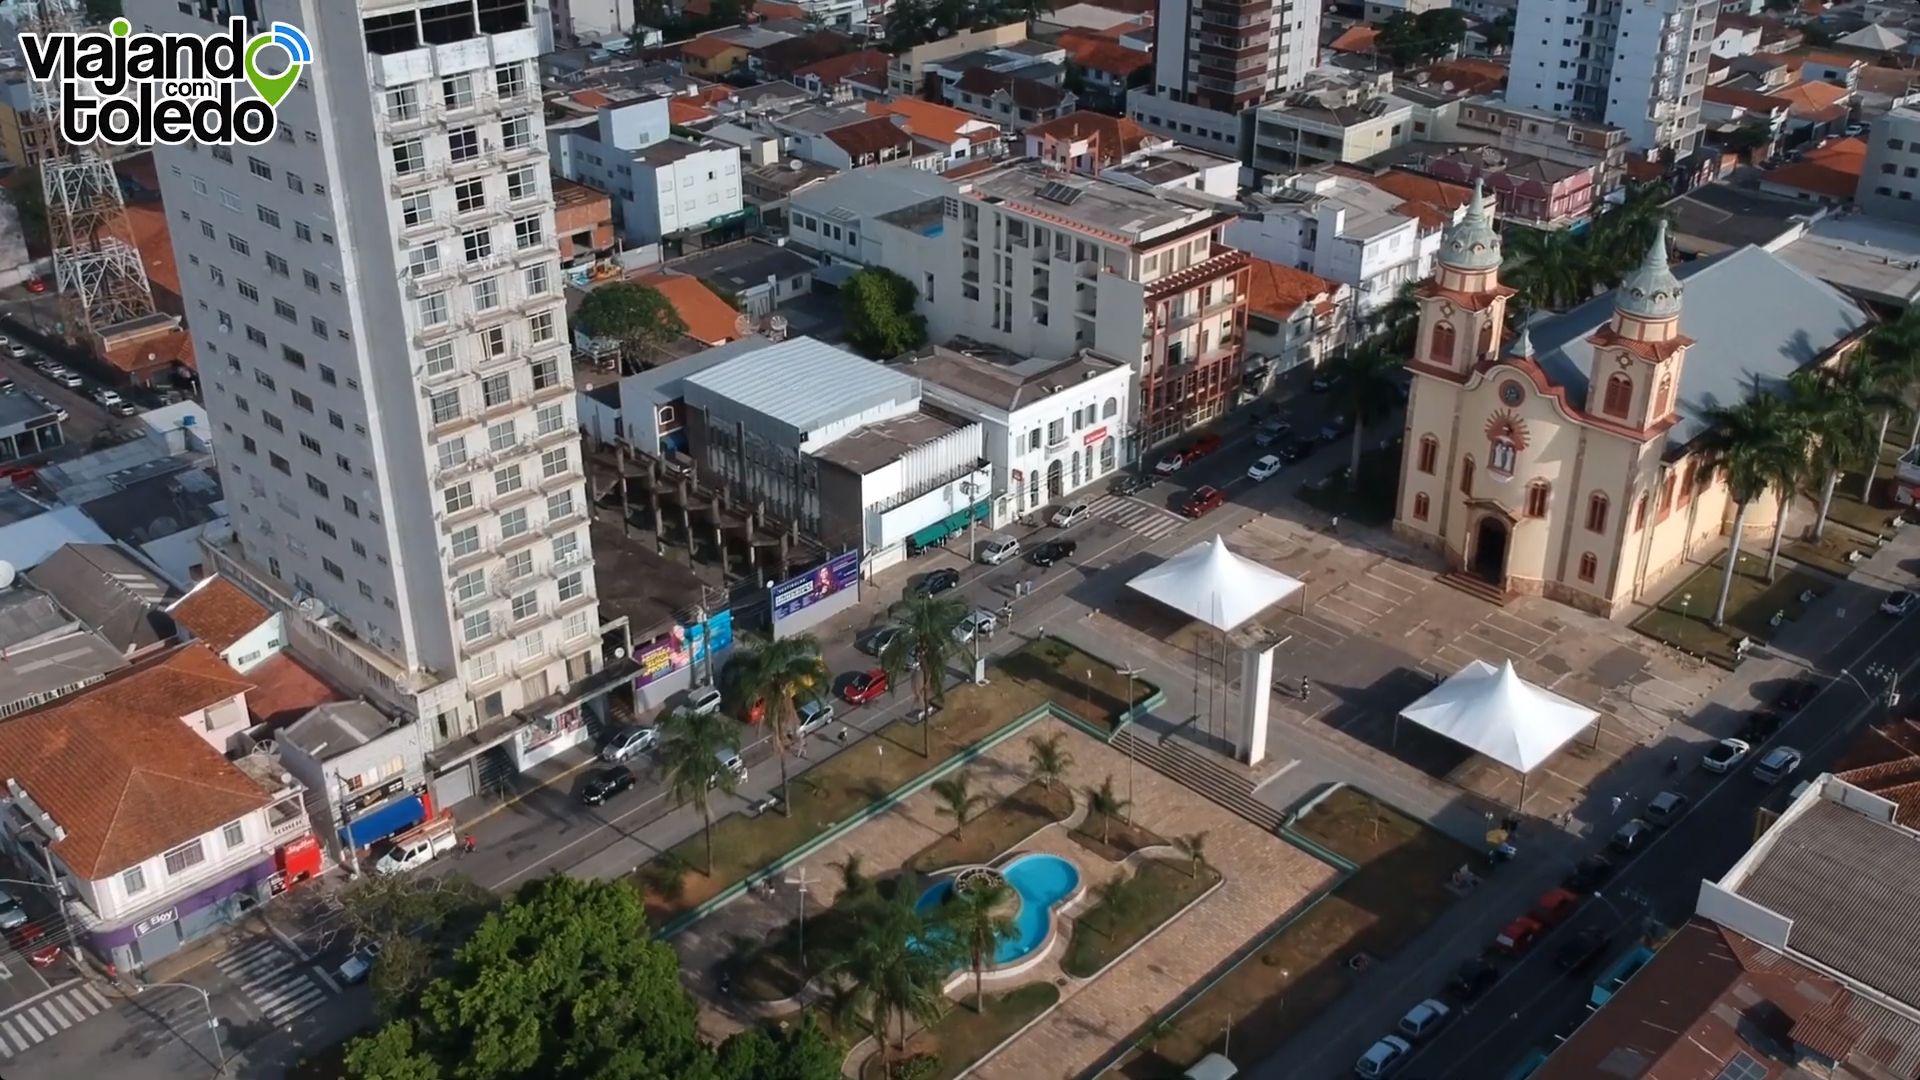 Cristãos Evangélicos oram pelos enfermos da COVID-19 em frente aos Hospitais de Alfenas: Santa Casa, IMESA e Hospital Universitário Alzira Velano